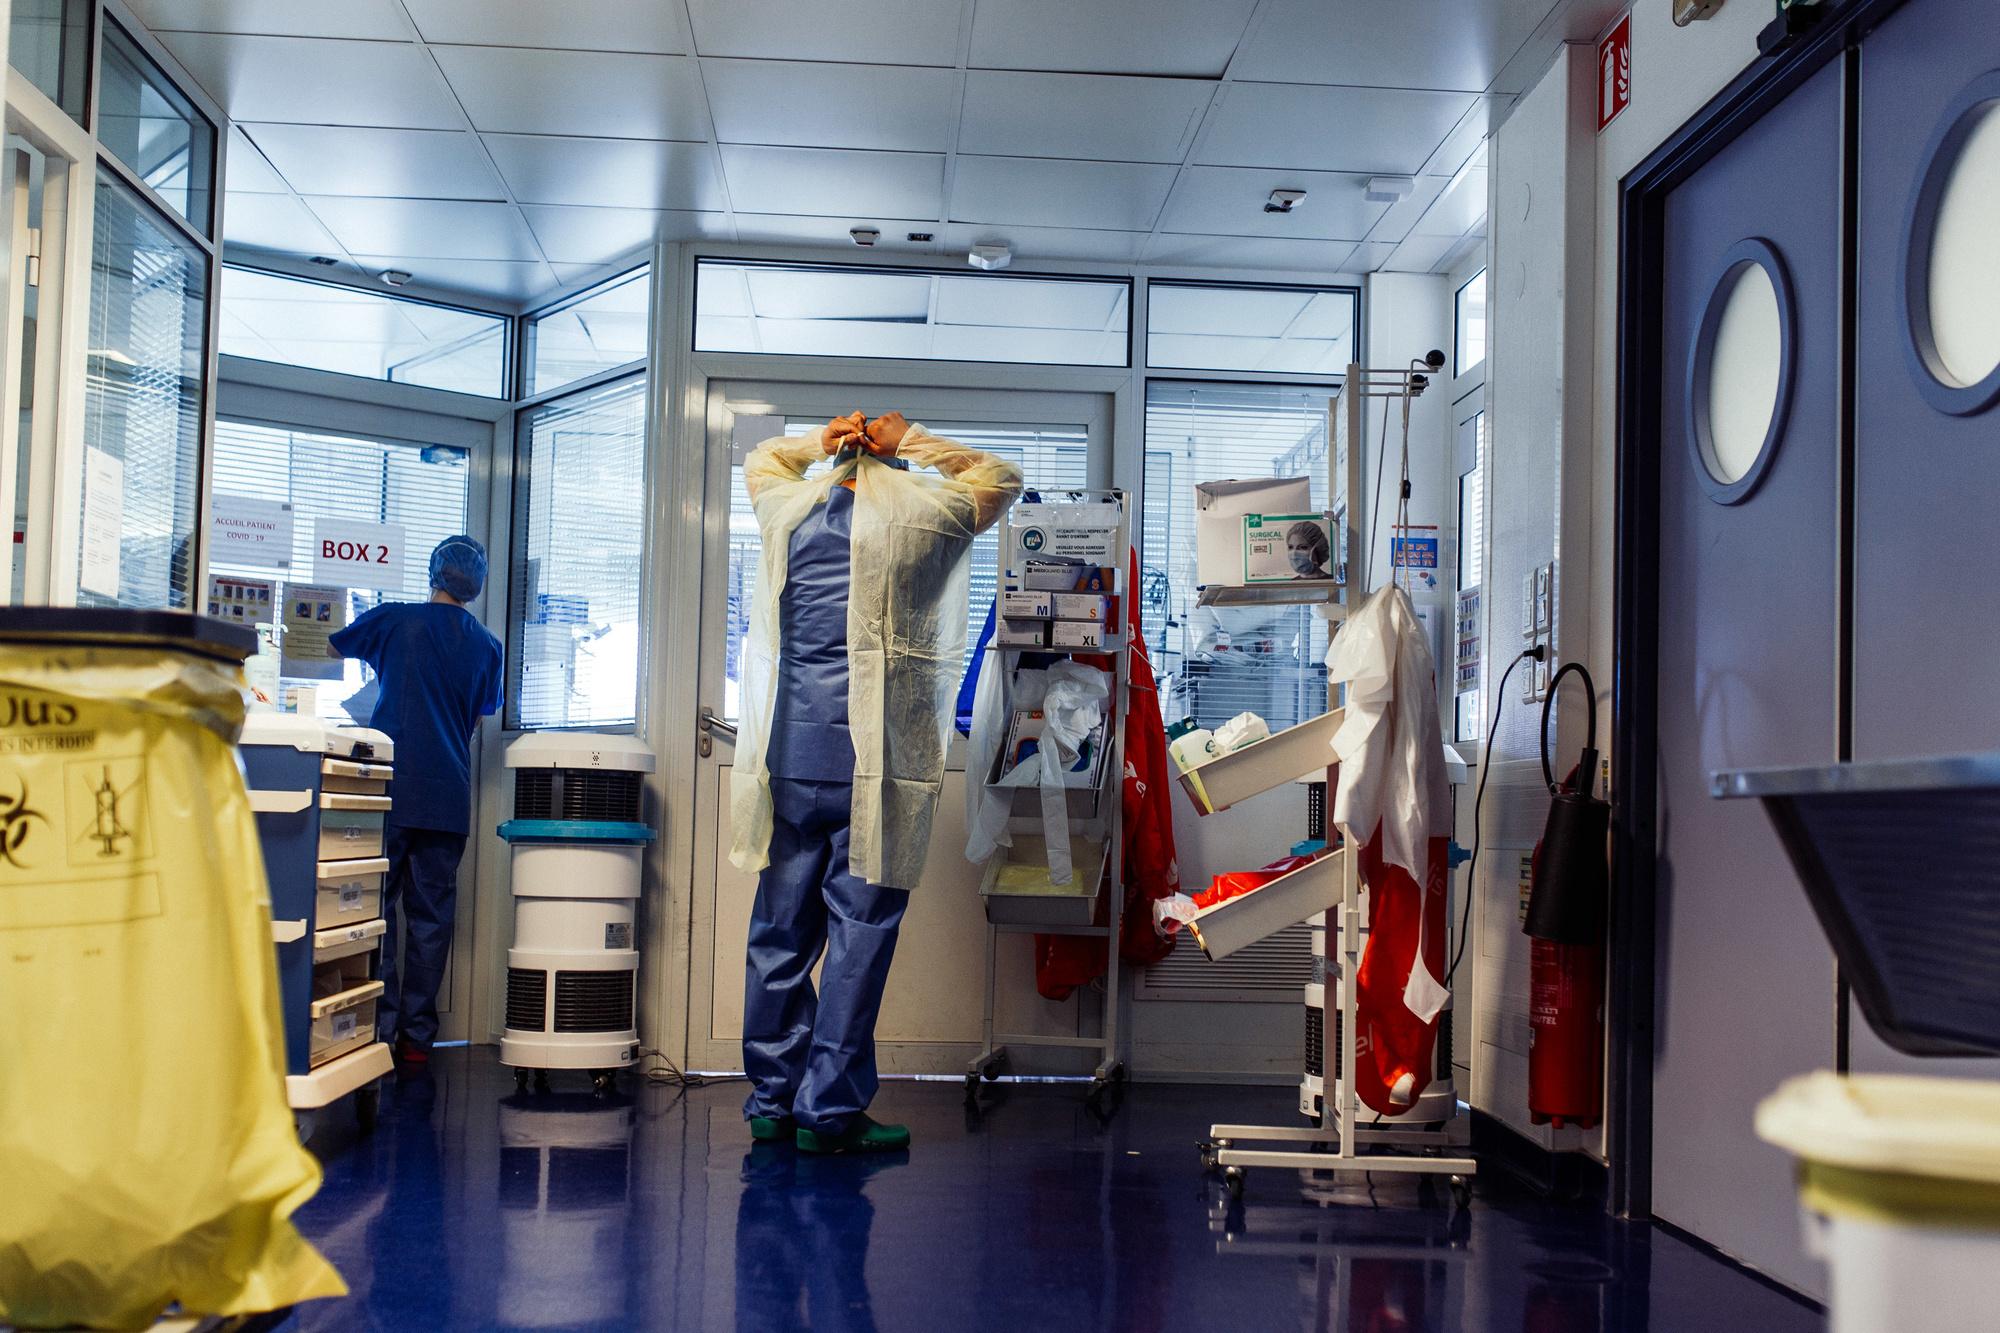 Arts maakt zich klaar in de ICU van de Clinique de l'Orangerie in Straatsburg., belga